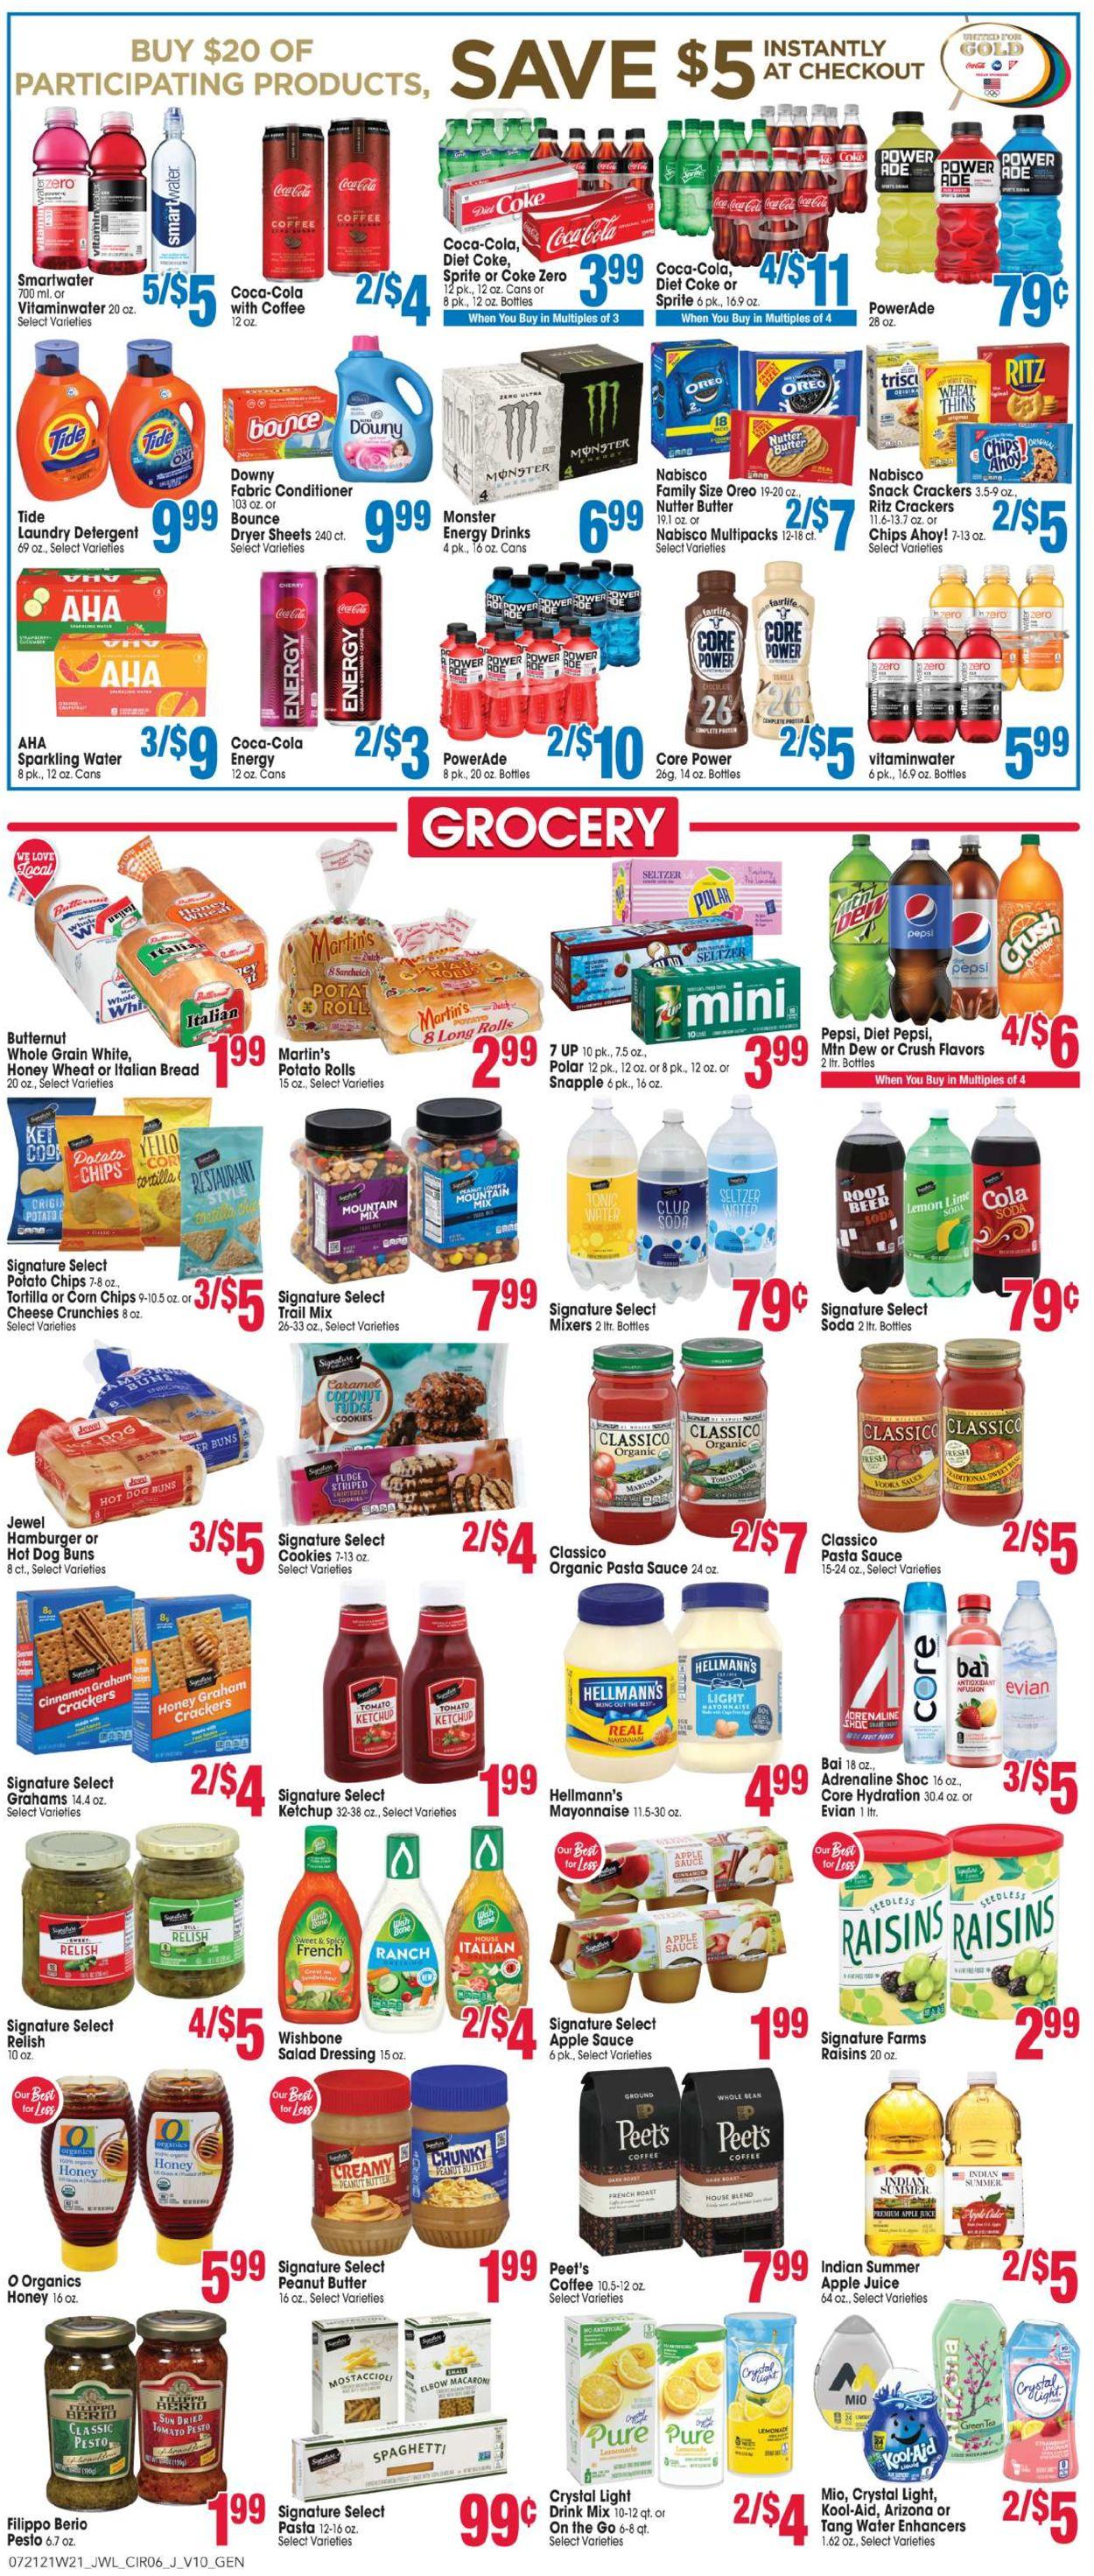 Jewel Osco Weekly Ad Circular - valid 07/21-07/27/2021 (Page 6)